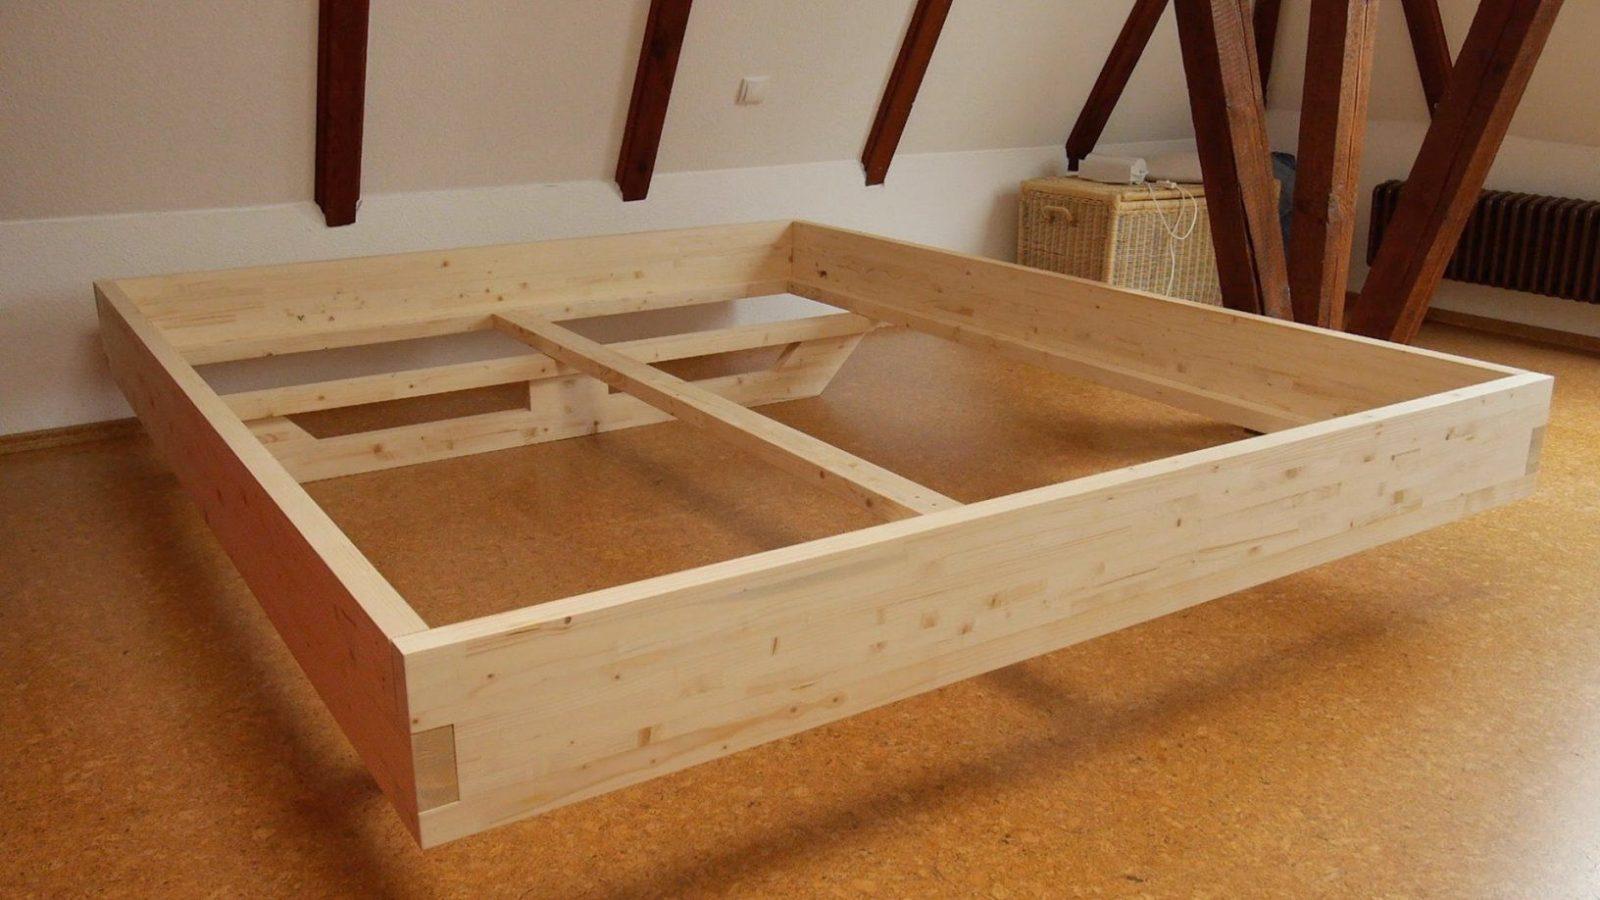 diy massivholzbett selber bauen youtube von bett aus holz bauen photo haus design ideen. Black Bedroom Furniture Sets. Home Design Ideas